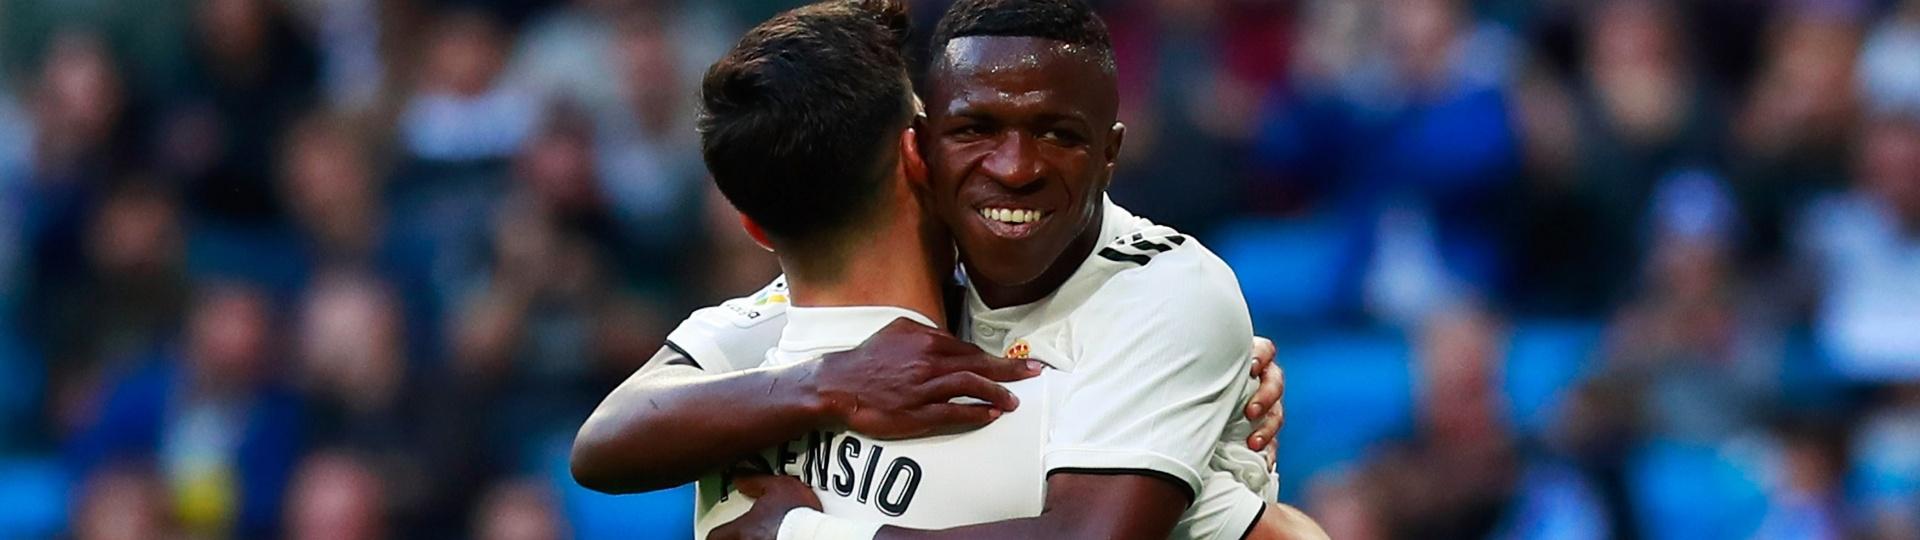 Vinicius Junior Asensio Real Madrid Melilla Copa do Rei